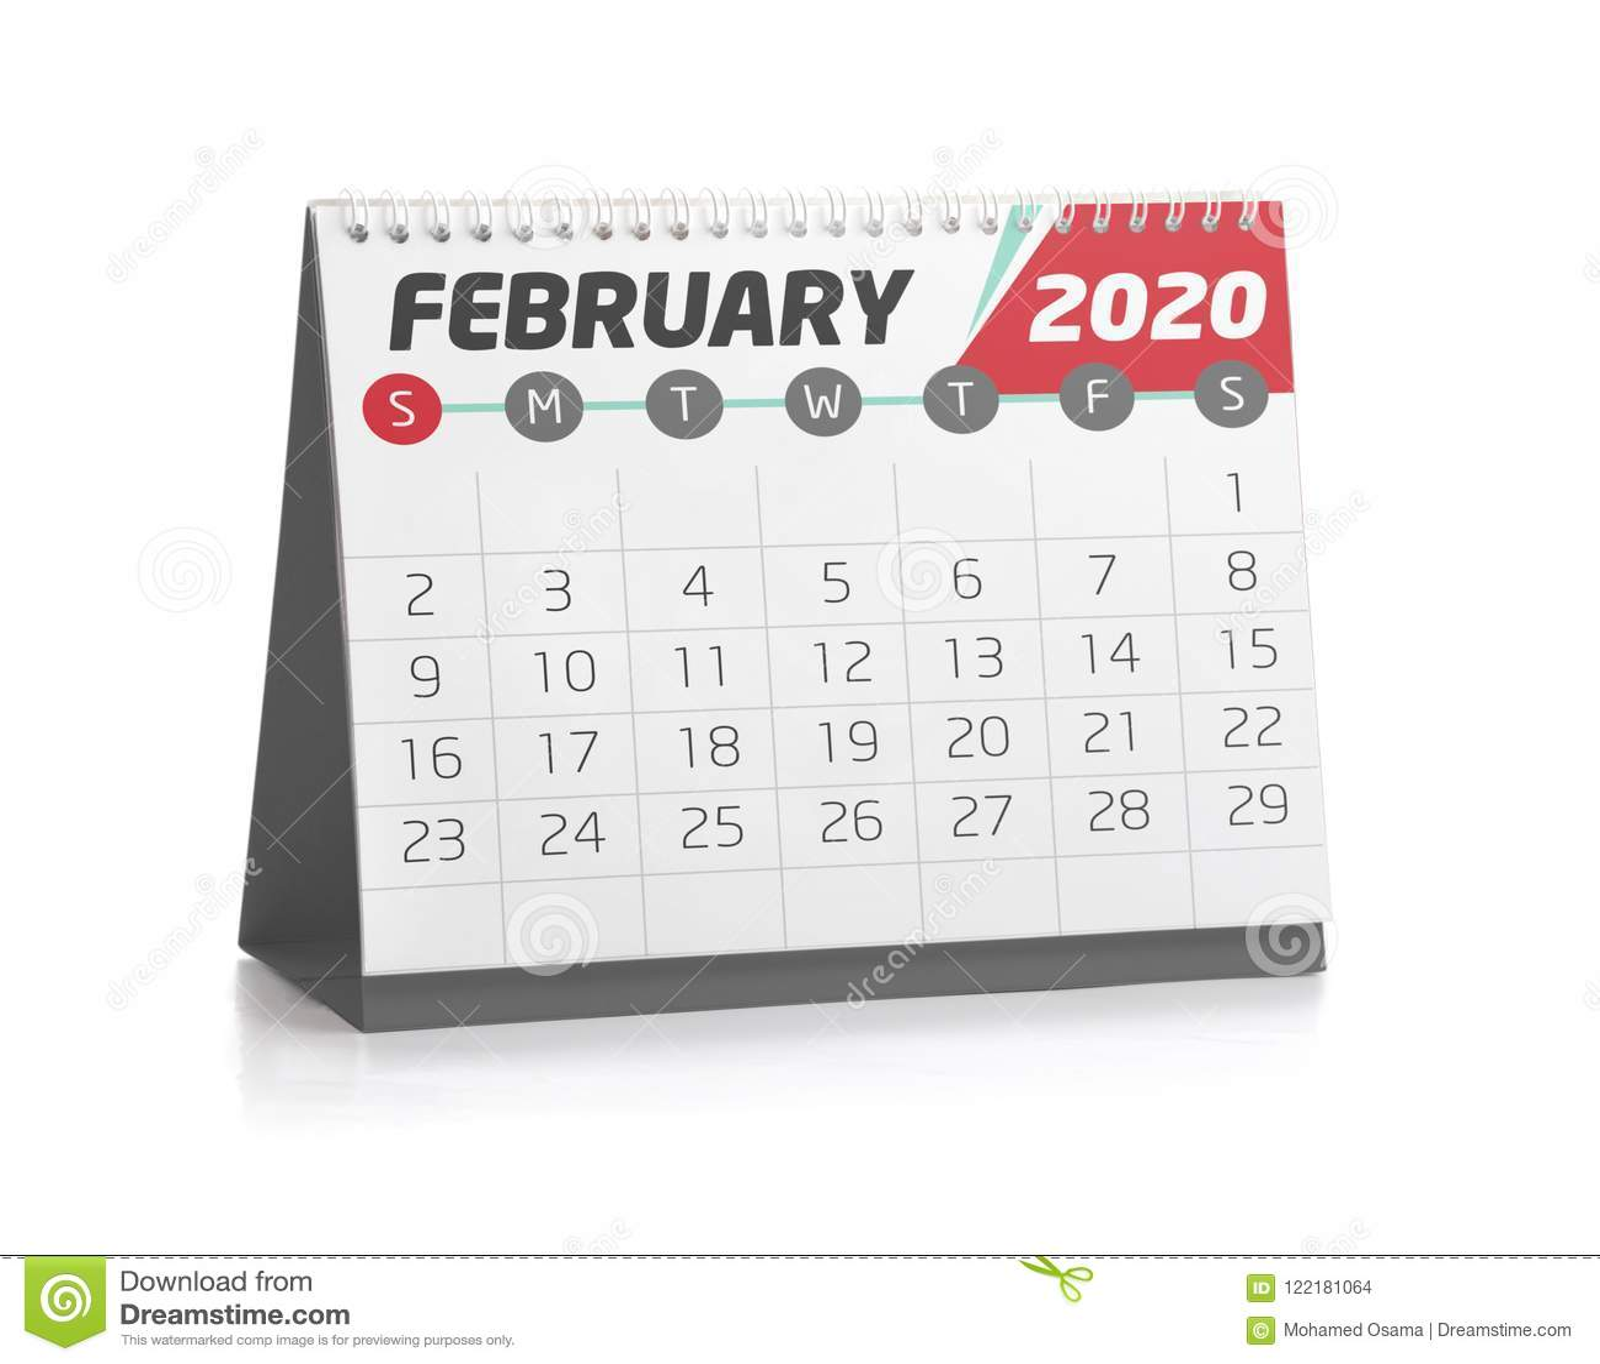 February Desktop Calendar 2020 Office Calendar February 2020 Stock Illustration   Illustration of